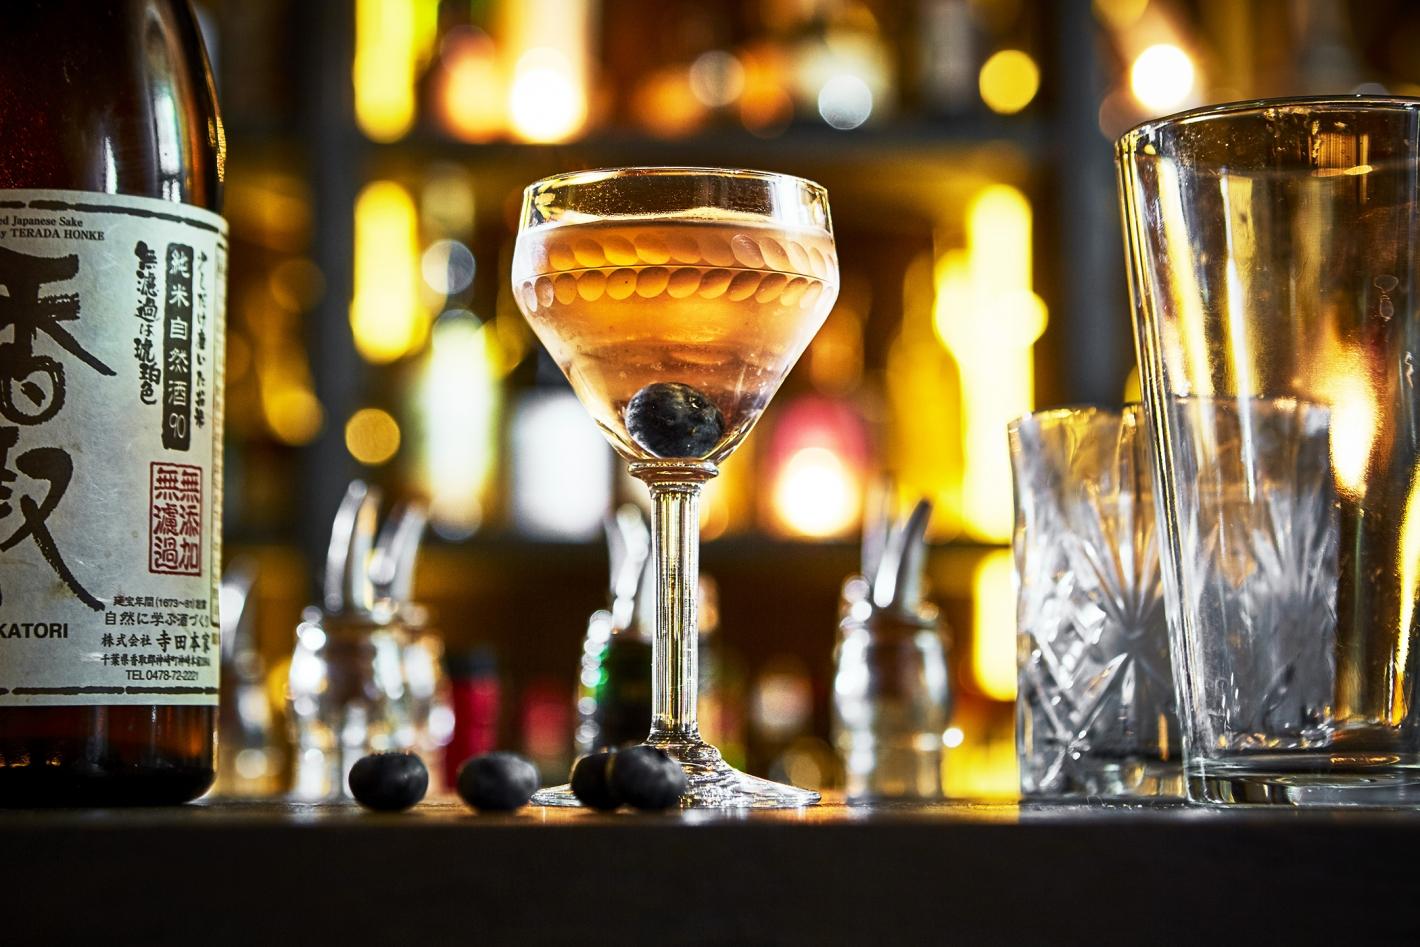 Cereale-DeMoor-Cocktails-Hortense3576-©Alexandre-Bibaut